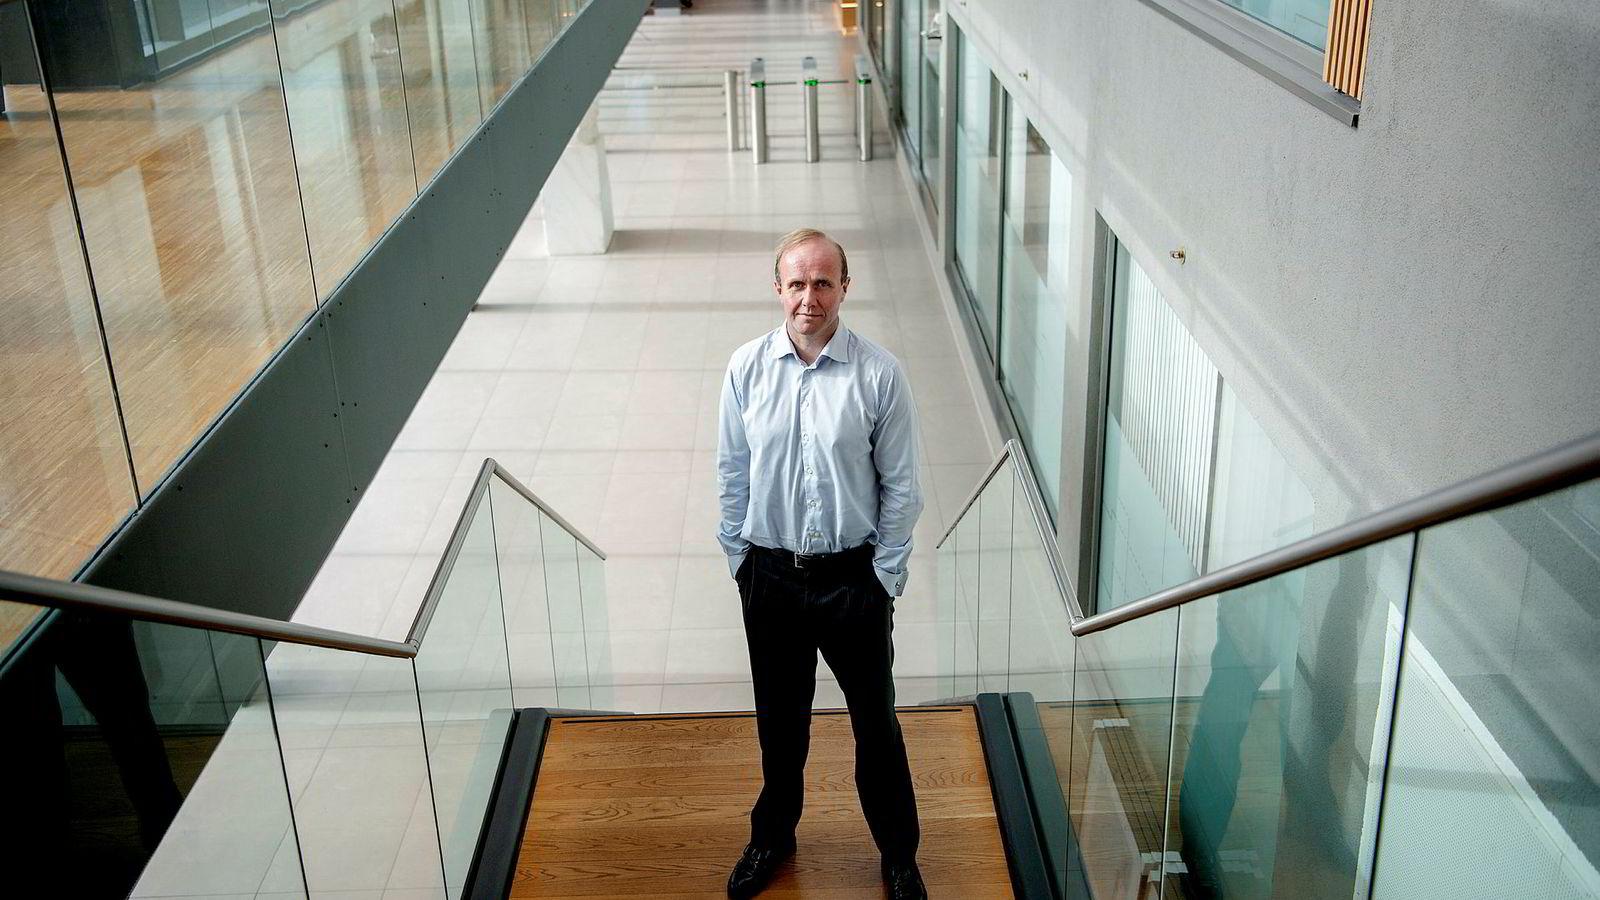 Forvalter Hans Thrane Nielsen i Storebrand mener amerikanske selskaper kommer til å fortsette å levere gode tall i 2019.